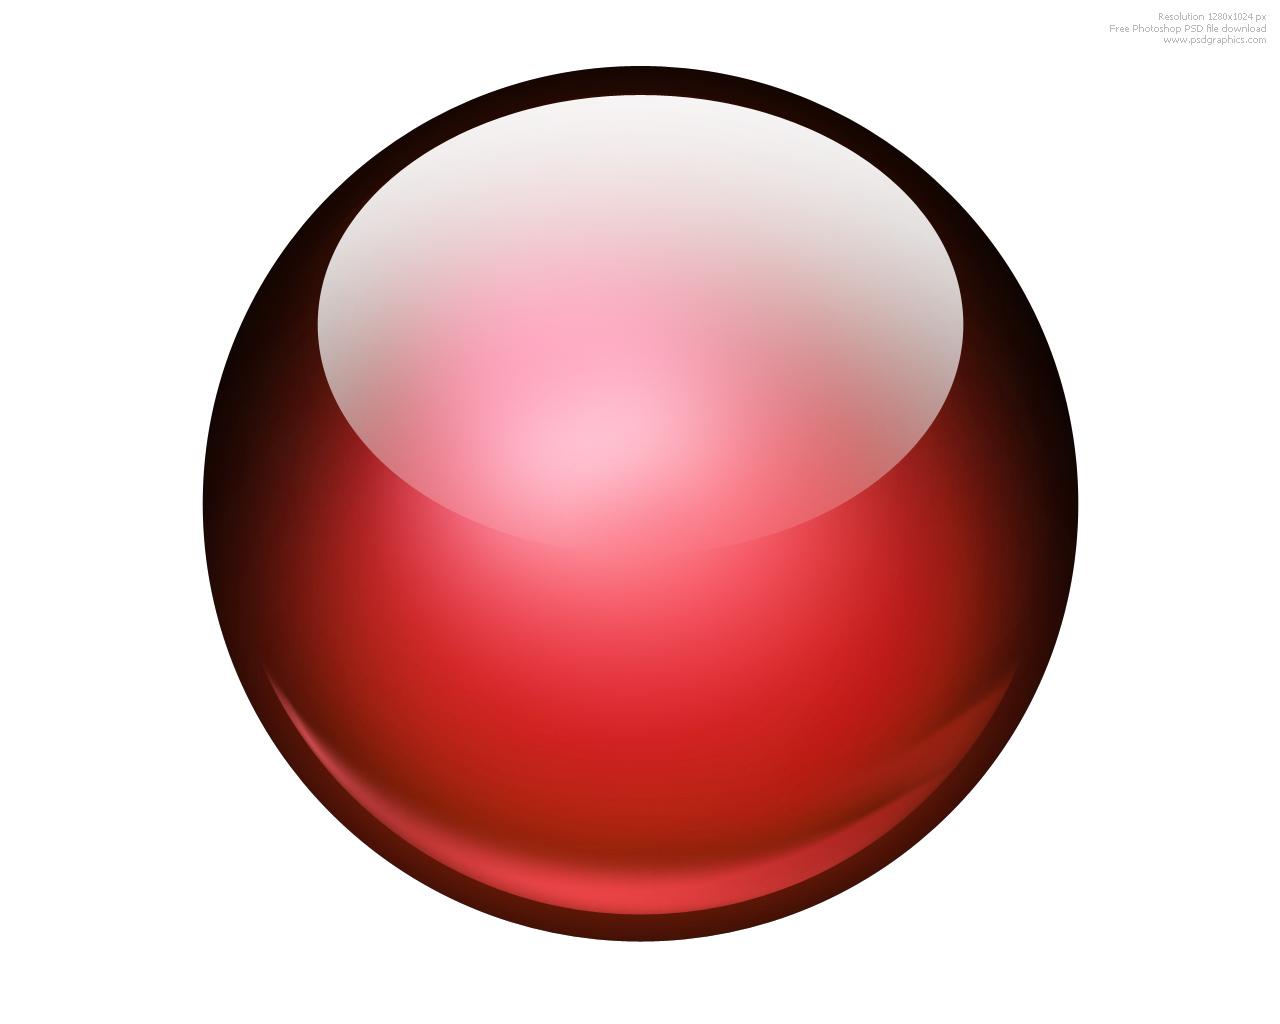 red ball 3d